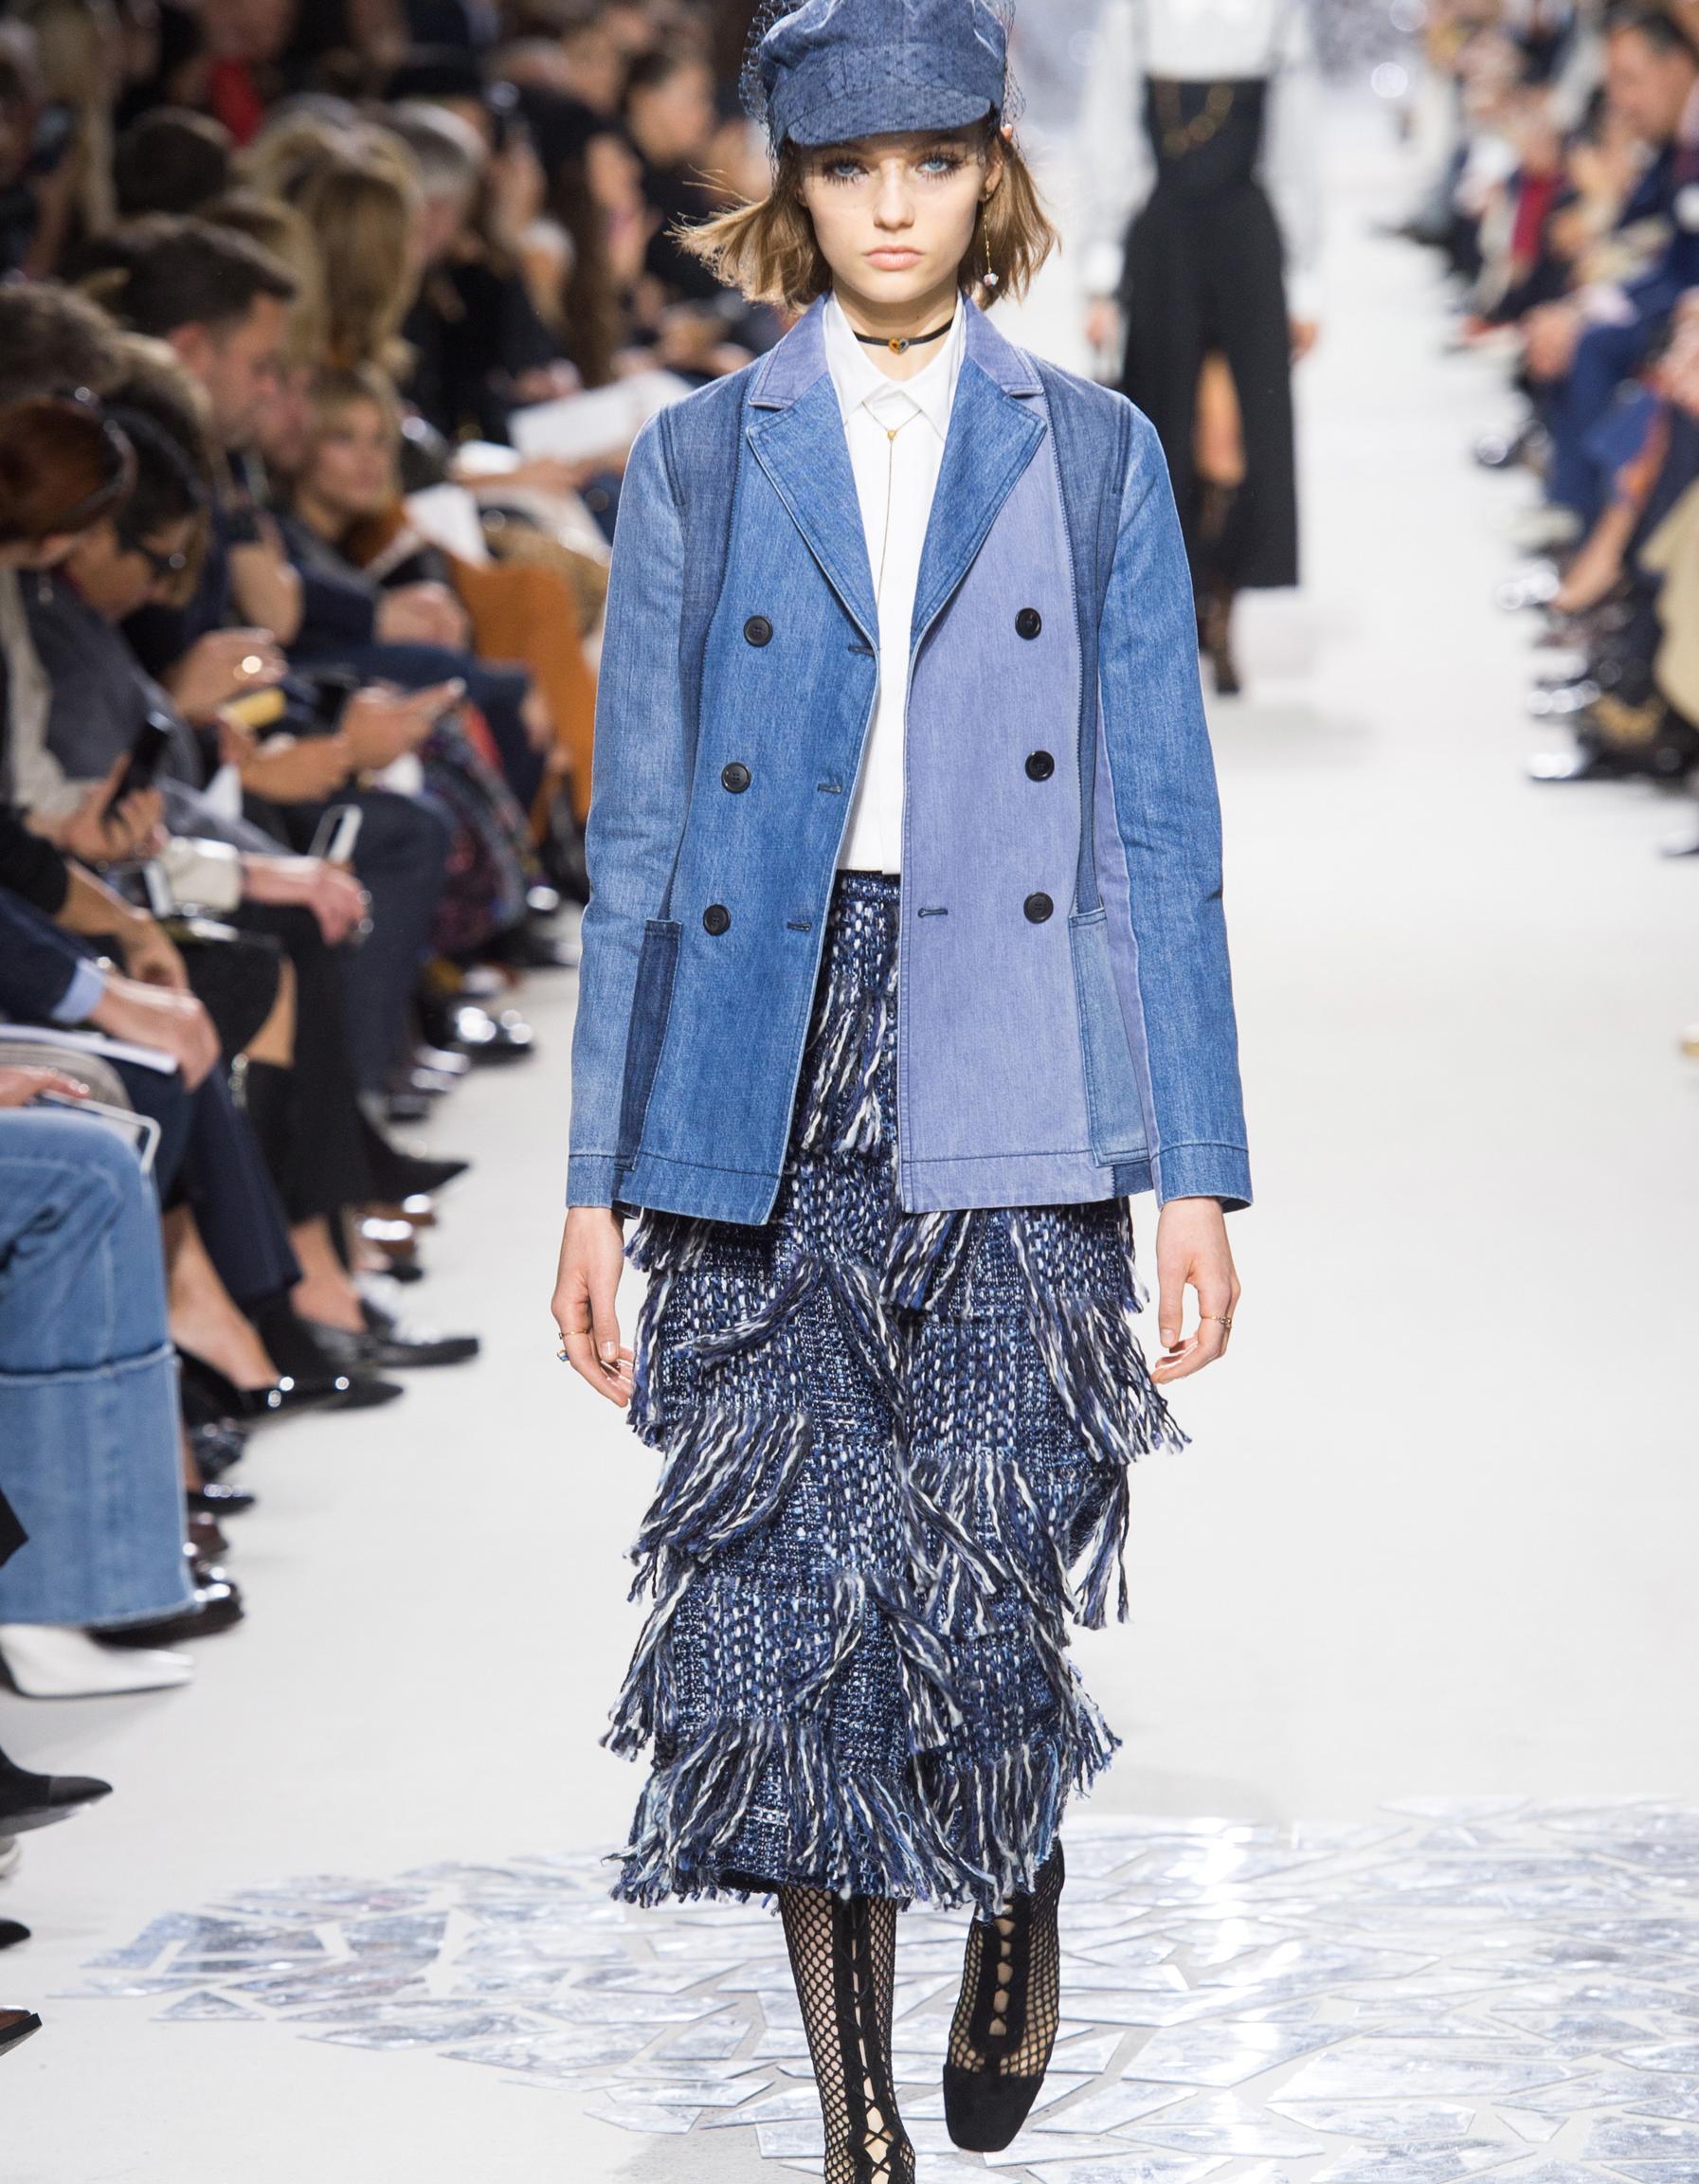 faea56acc7f Défilé Christian Dior Prêt à porter Printemps-Été 2018 - Paris - Elle